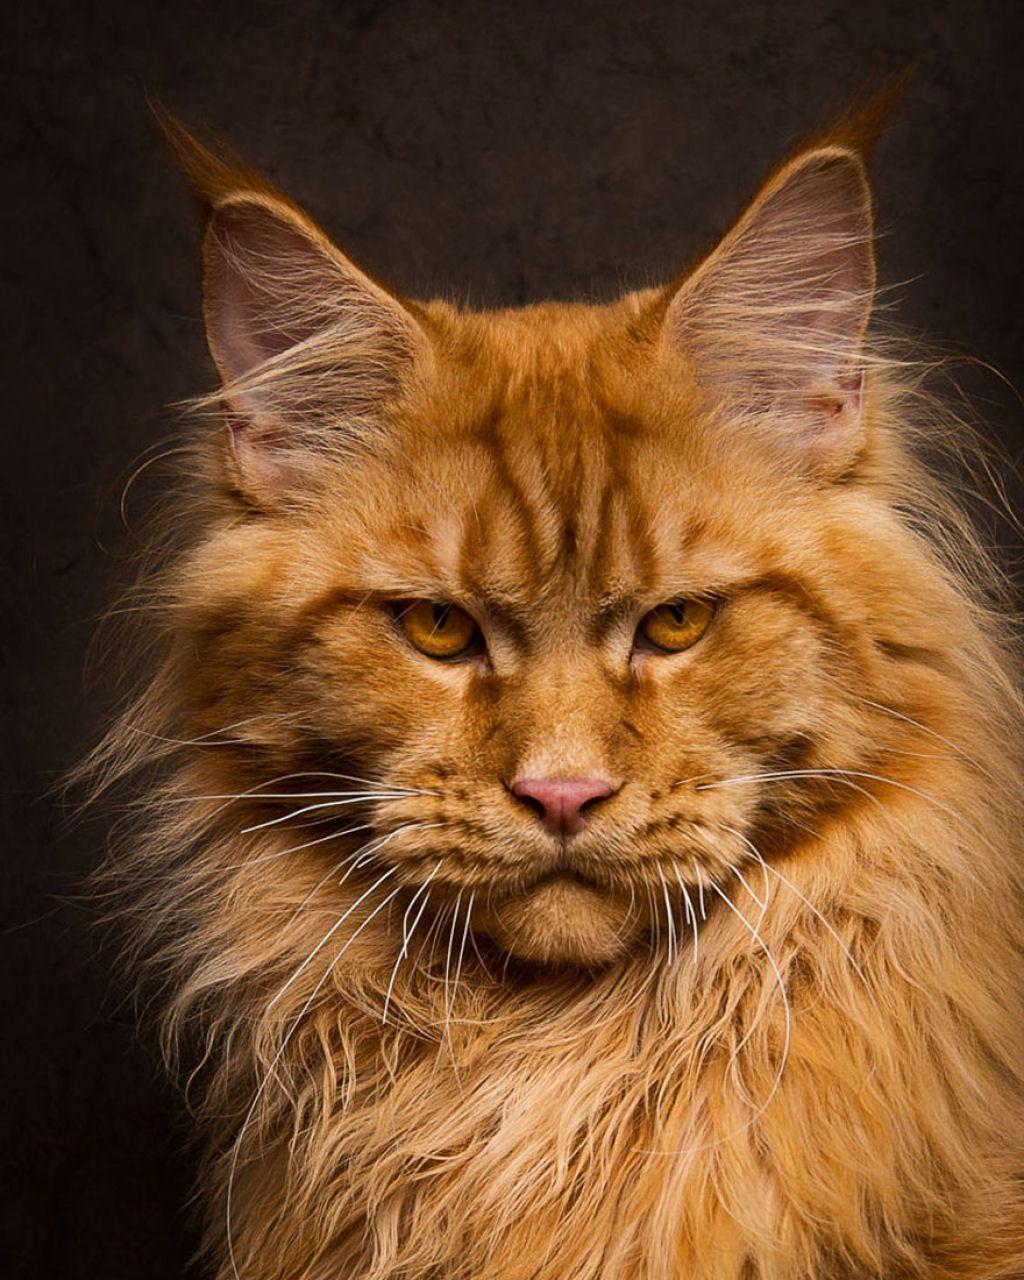 Retratos de gatos Maine Coon que se parecem com criaturas míticas majestosas 15